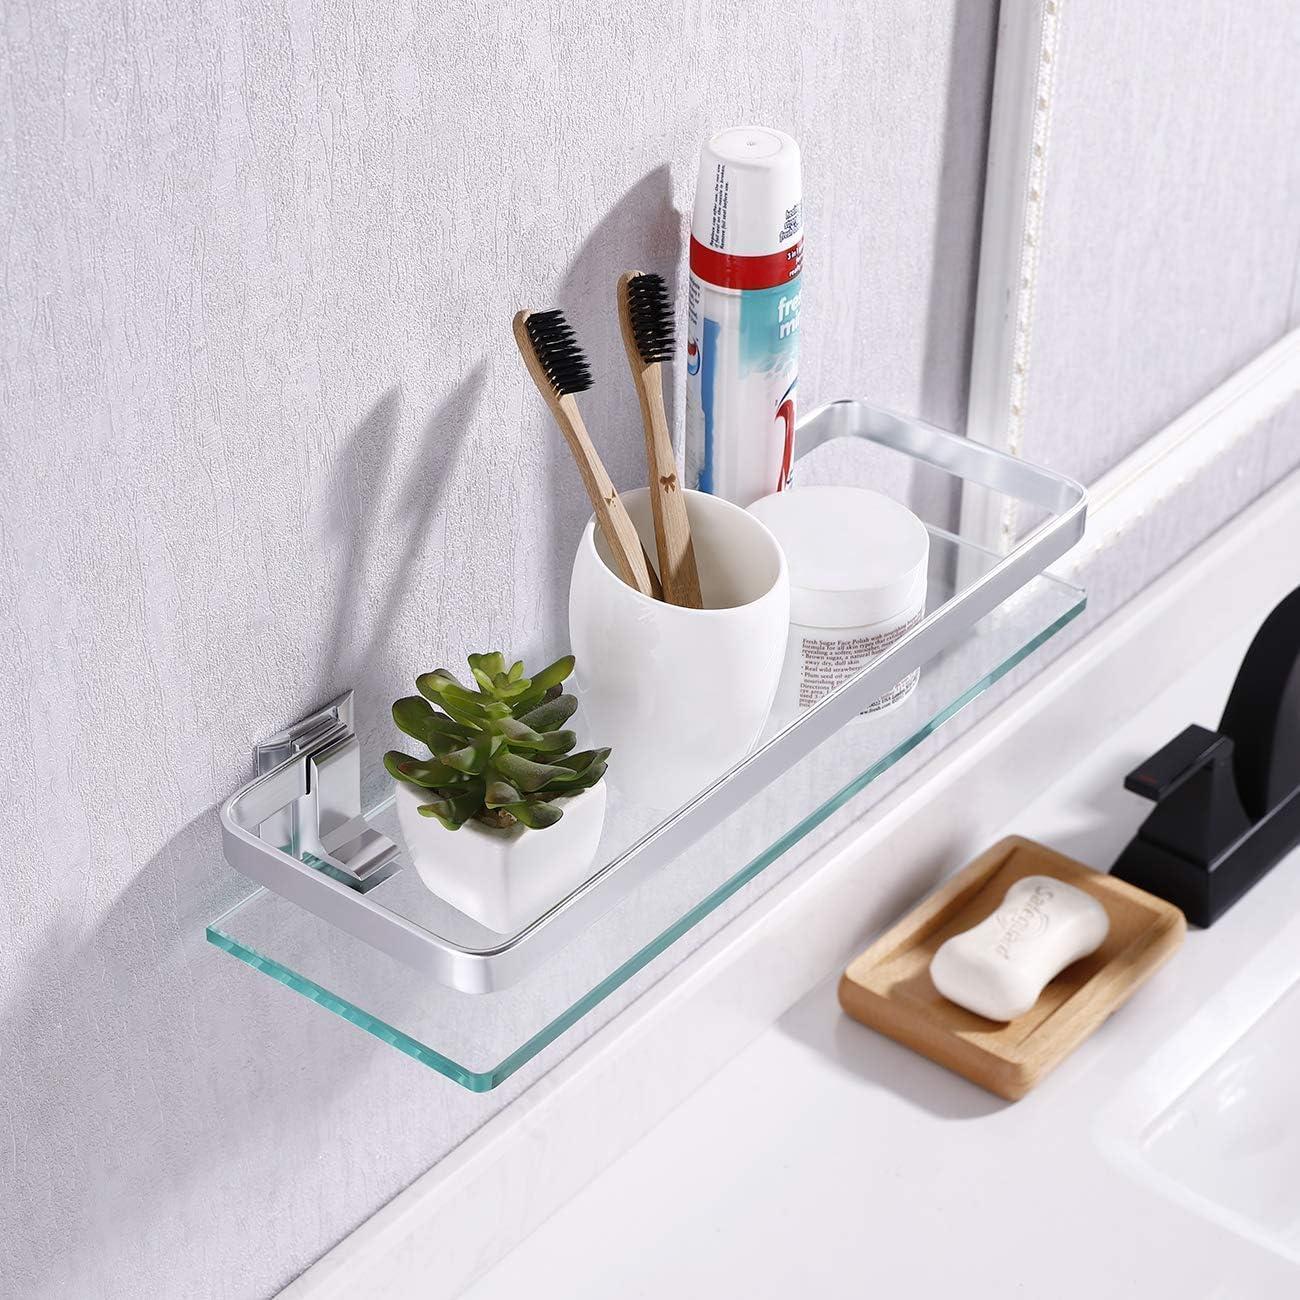 Umi von  Glasregal Wandregal Wandablage Badezimmer 8mm geh/ärtetes Glas Regal Wandhalterung Aluminium eloxiert A4126A